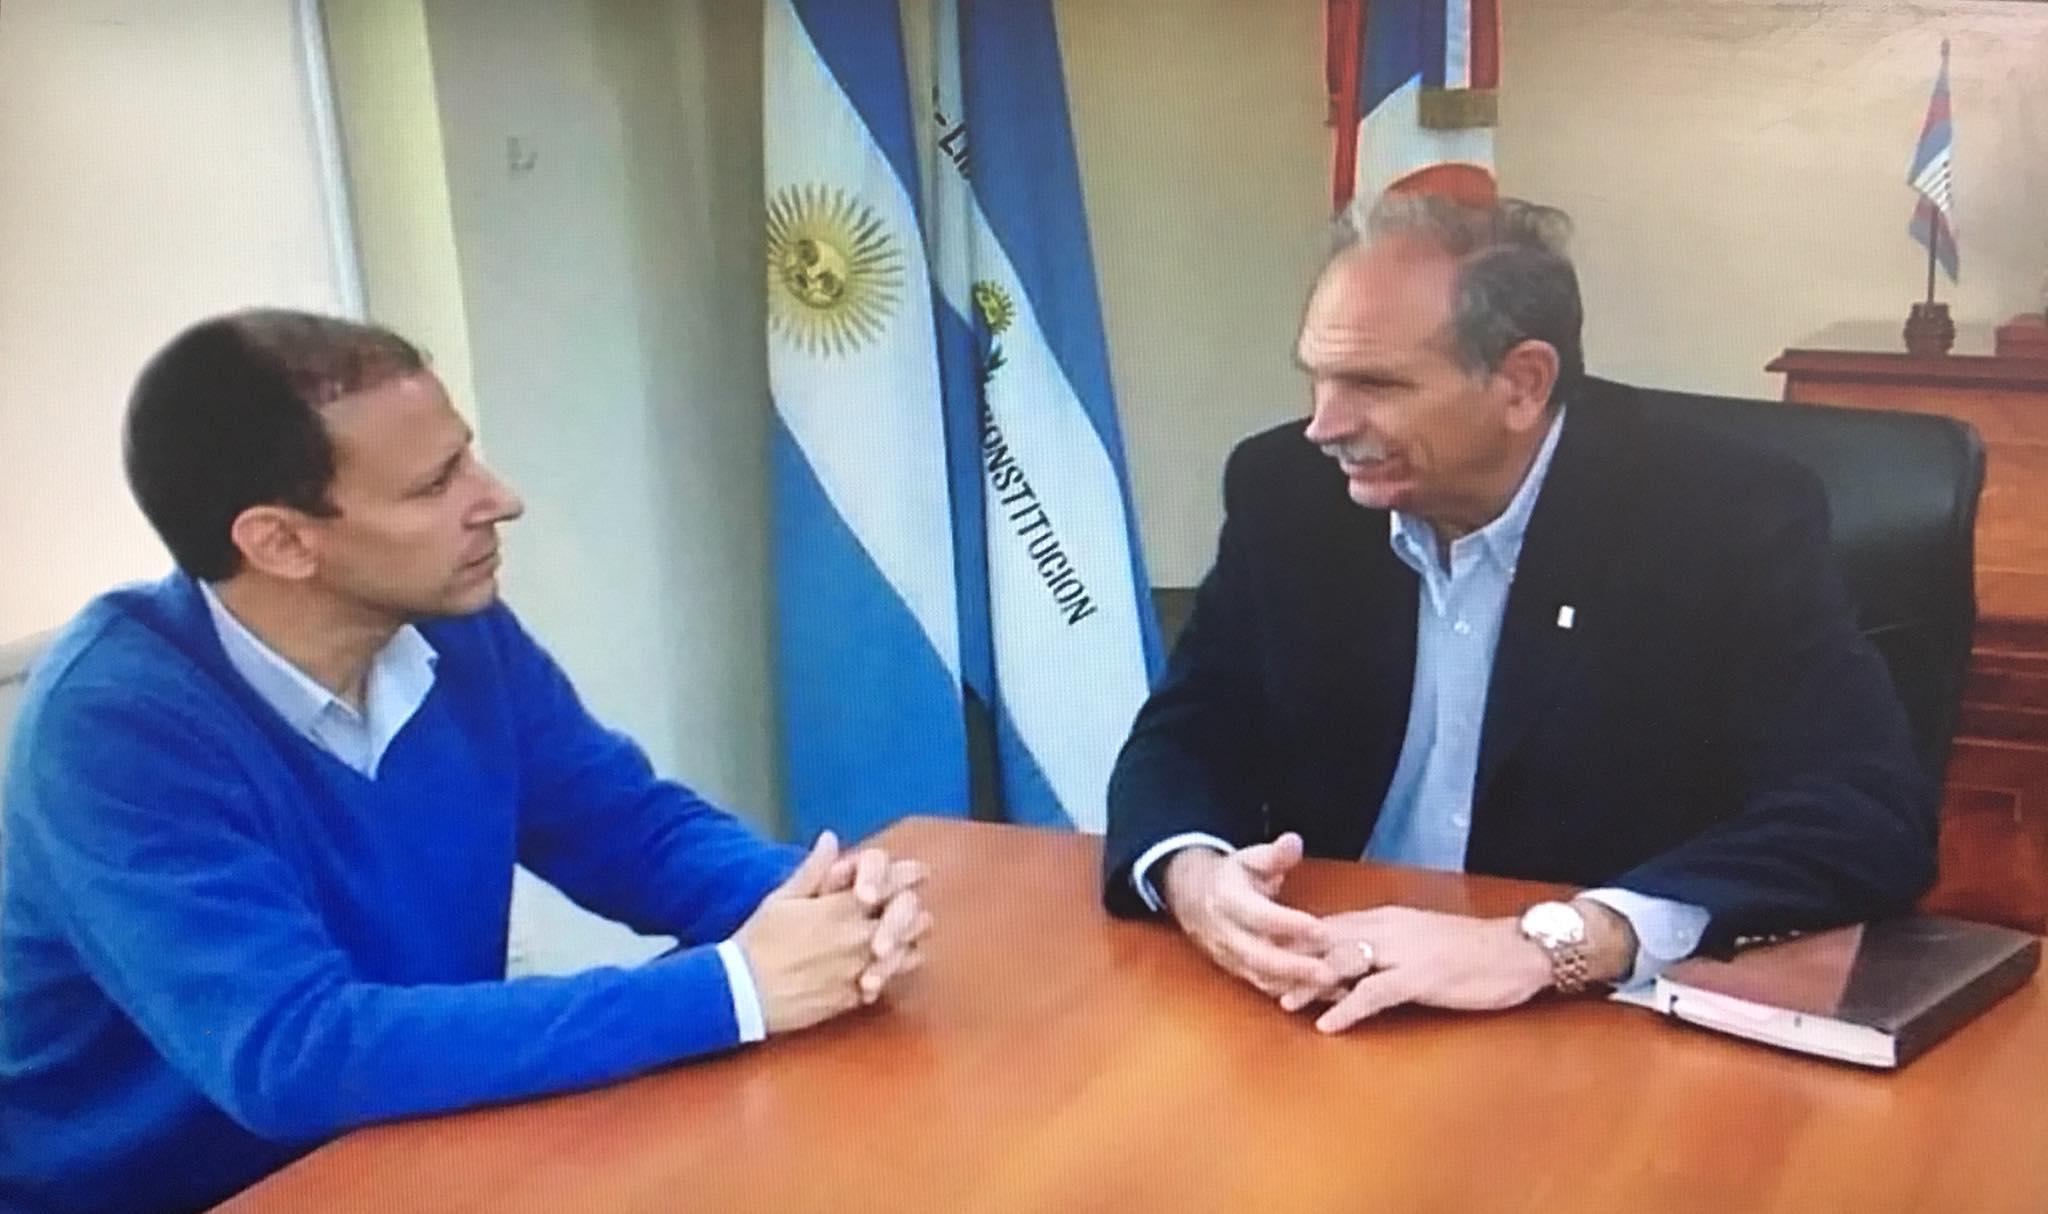 El Defensor del Pueblo con el Vice Intendente Emilio Lanari